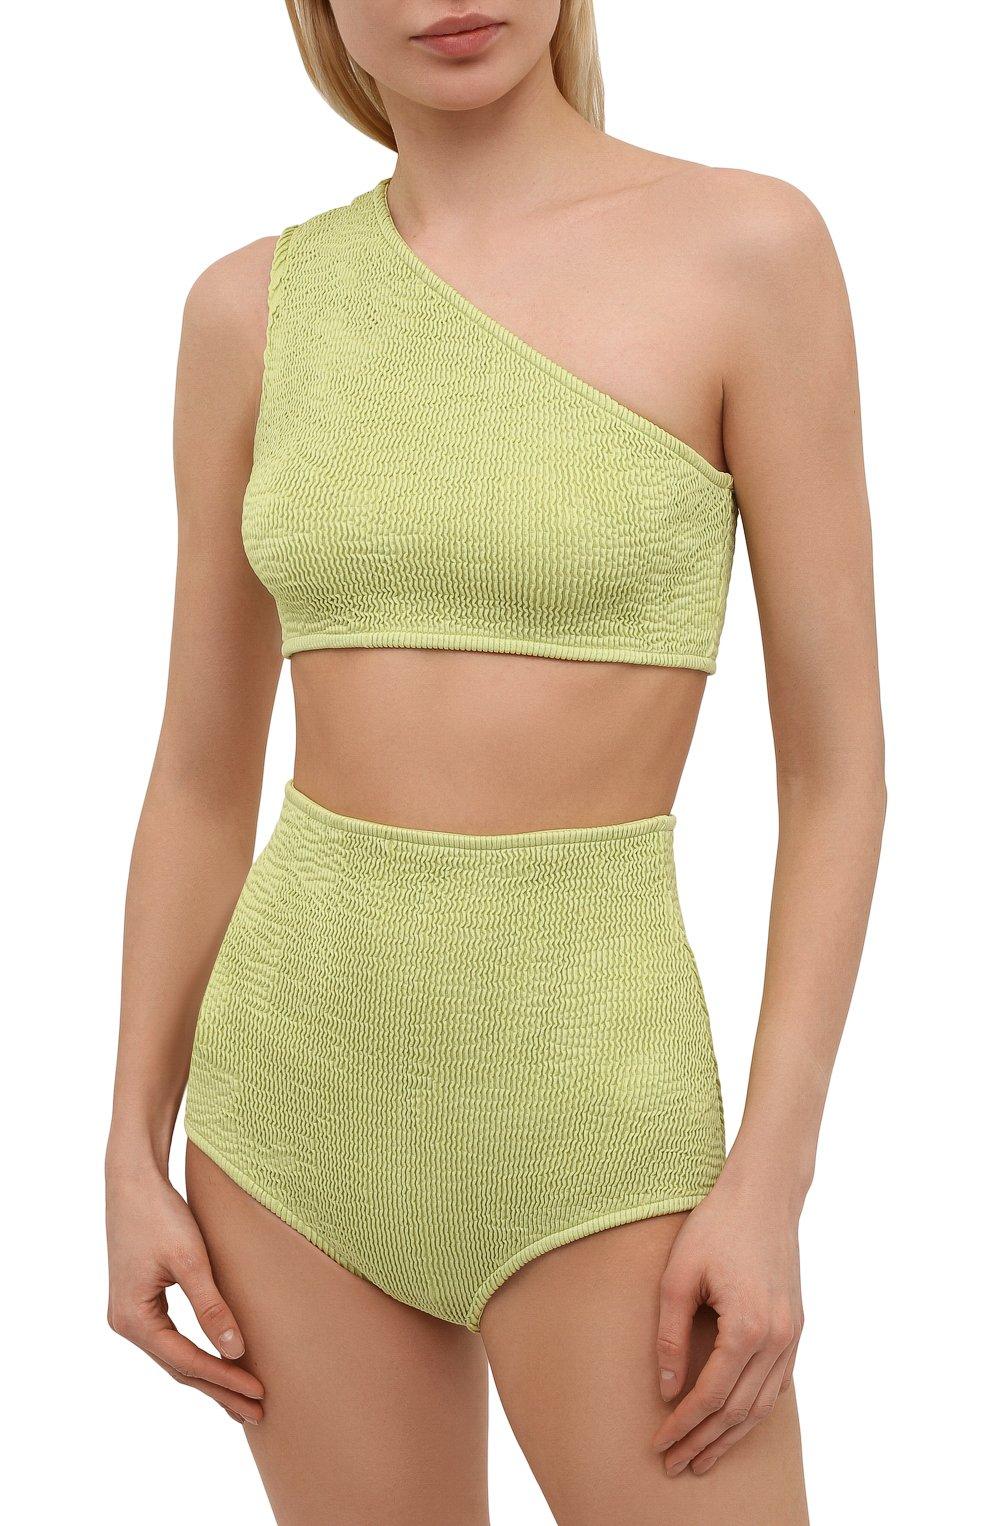 Женский раздельный купальник BOTTEGA VENETA светло-зеленого цвета, арт. 625398/3V945 | Фото 2